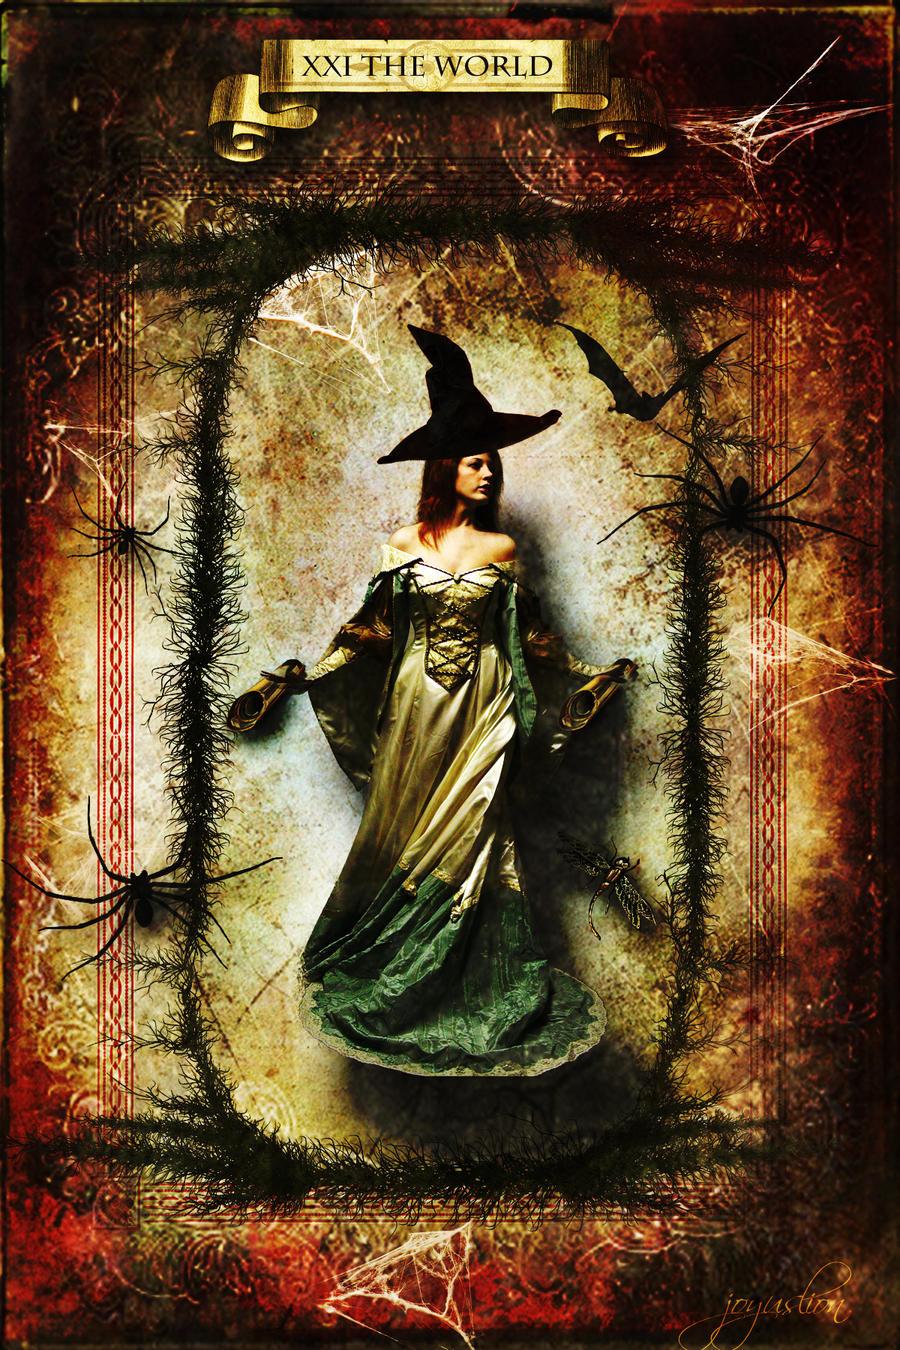 XXI World Halloween Tarot Card By Joyuslion On DeviantArt